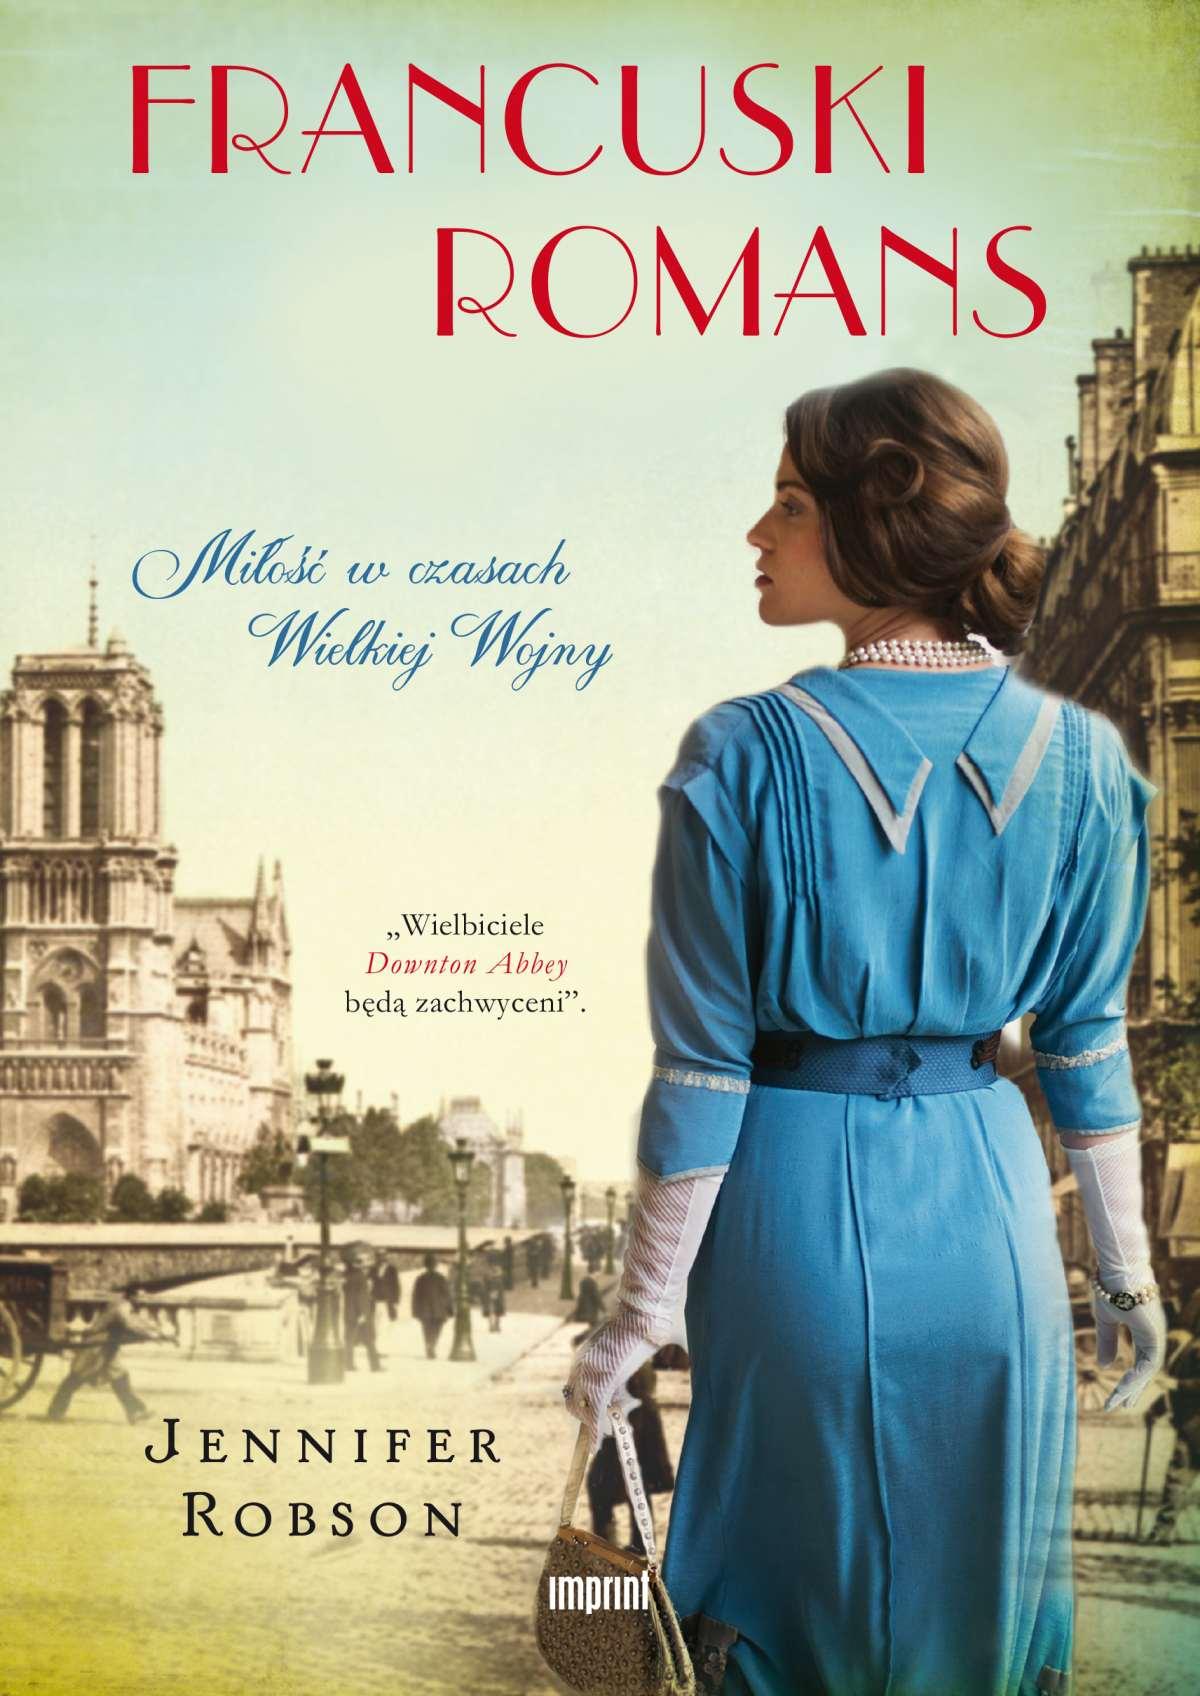 Francuski romans. Miłość w czasach Wielkiej Wojny - Ebook (Książka na Kindle) do pobrania w formacie MOBI